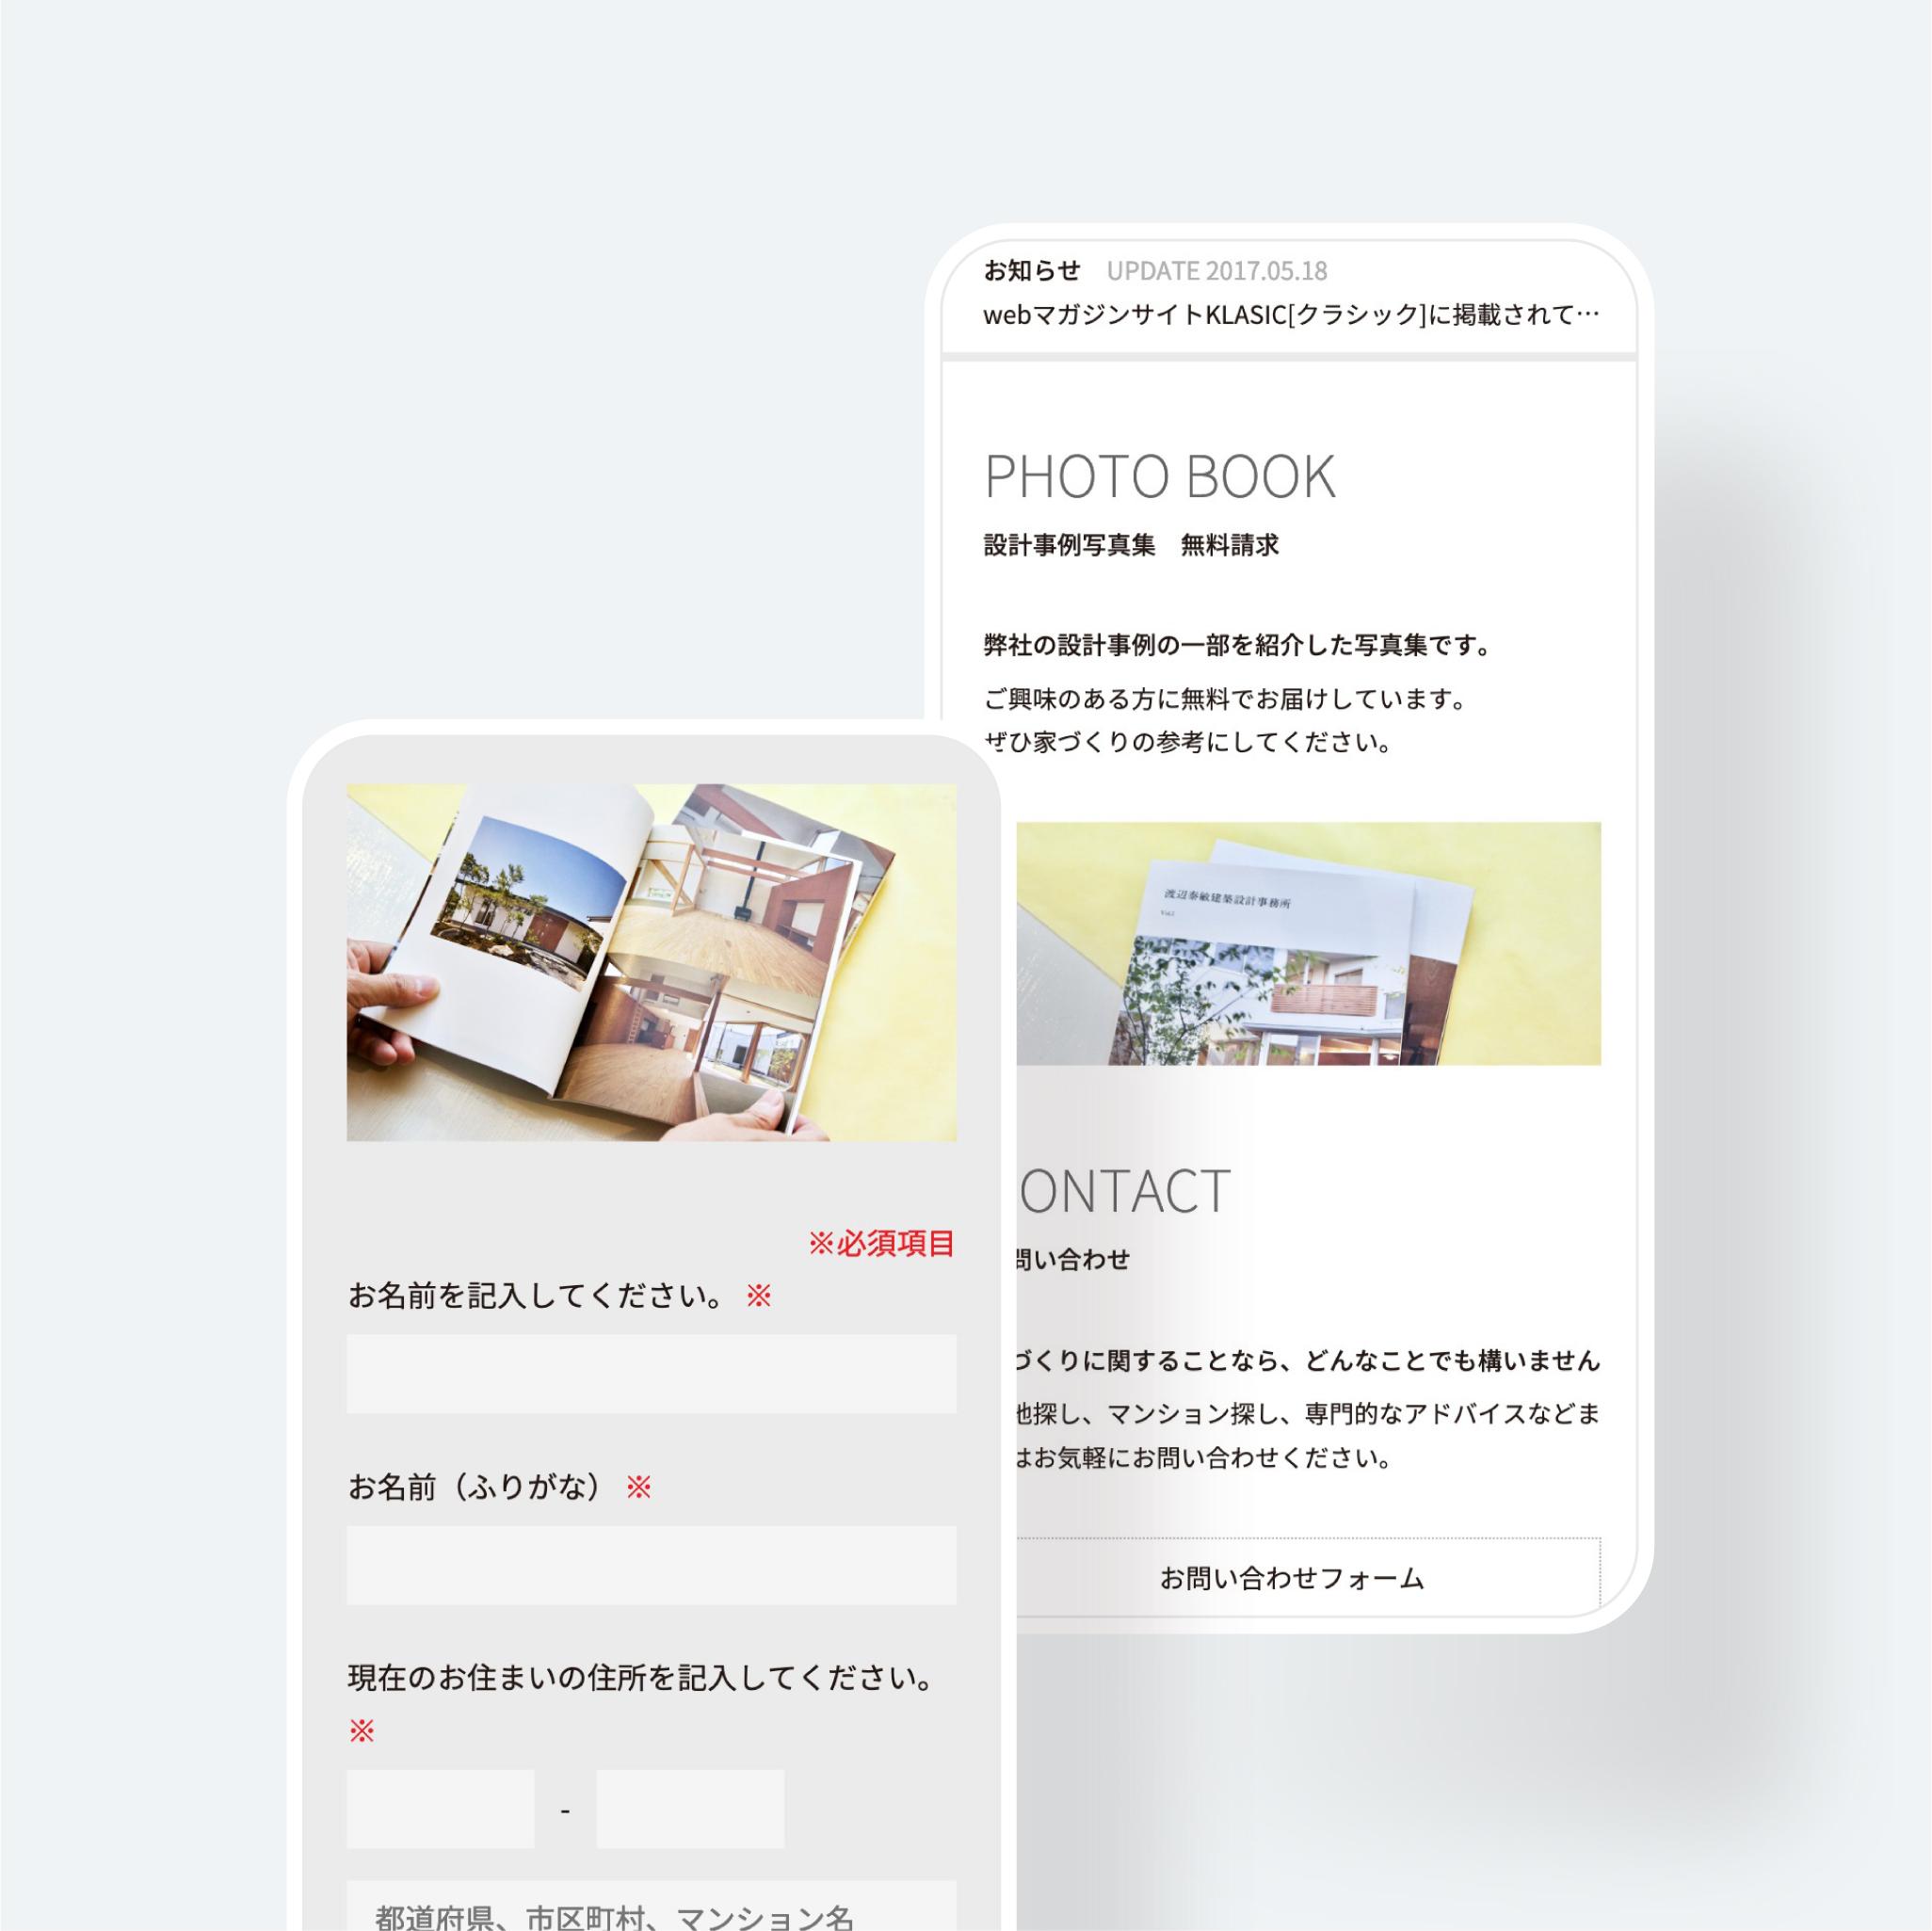 一級建築事務所|渡辺泰敏 建築設計事務所